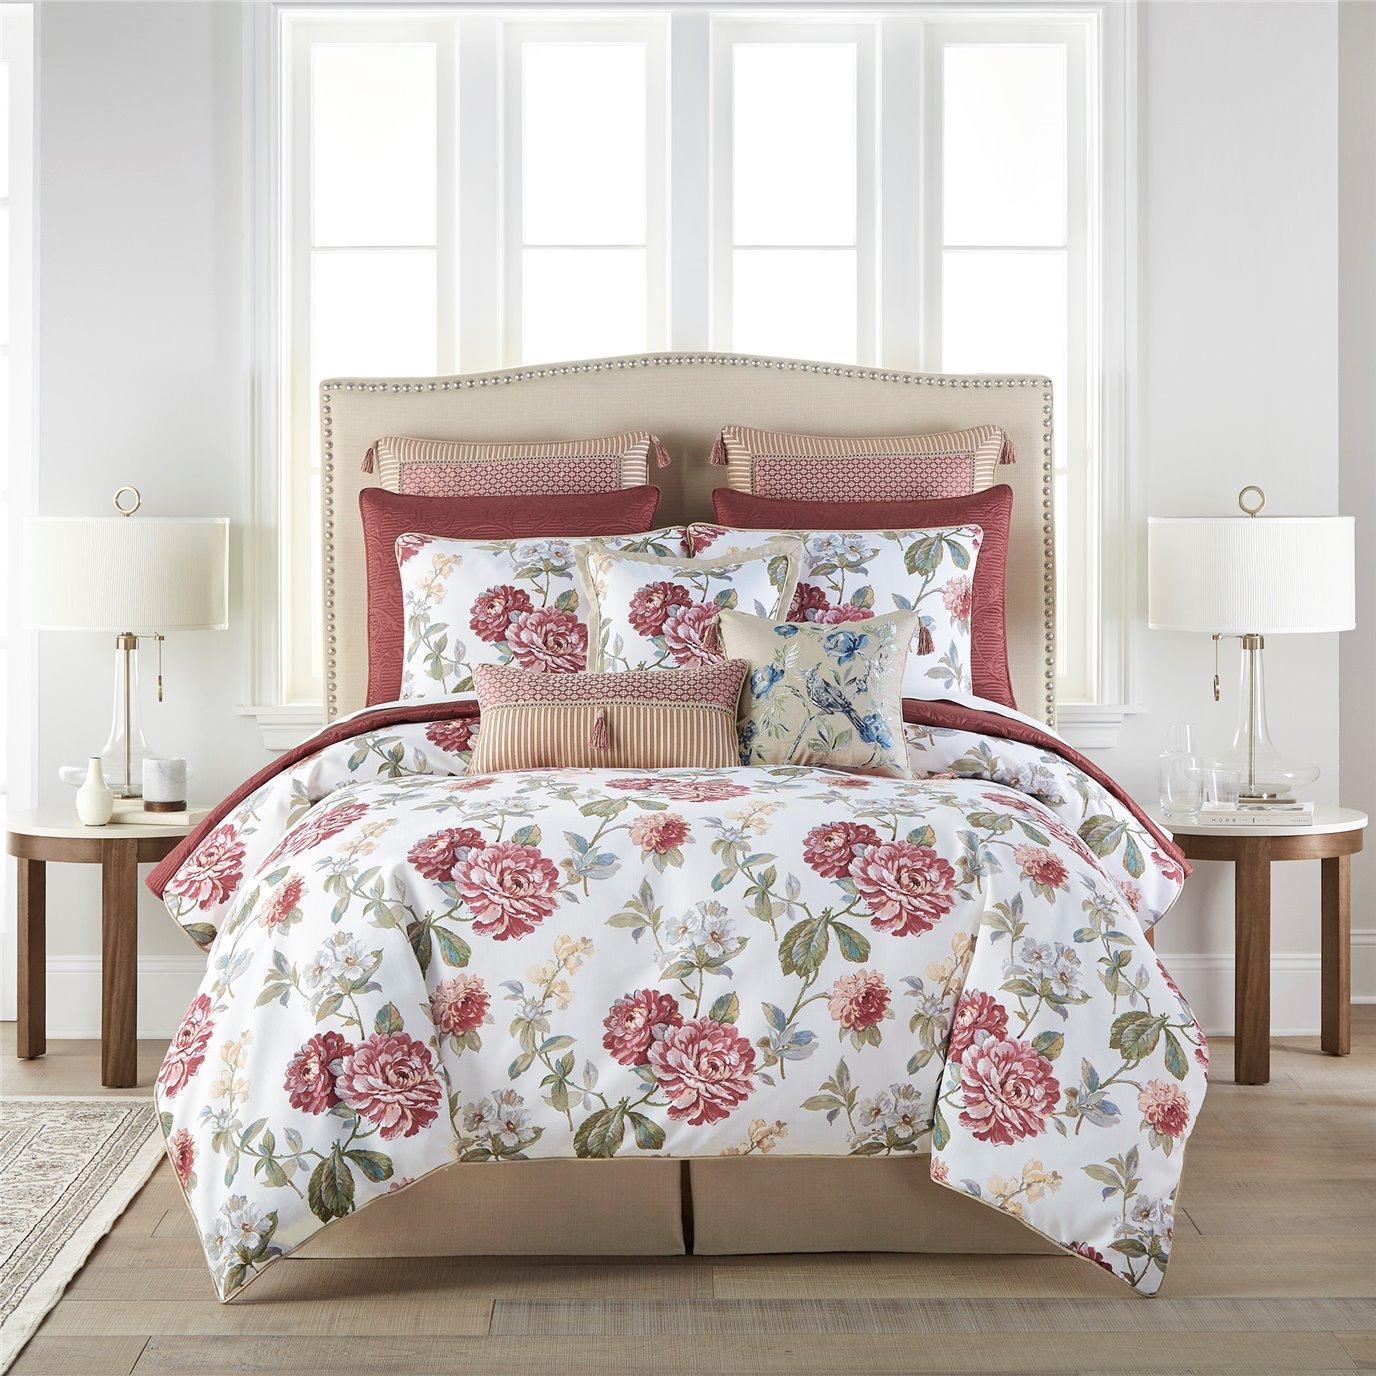 Croscill Fleur Queen 4PC Comforter Set